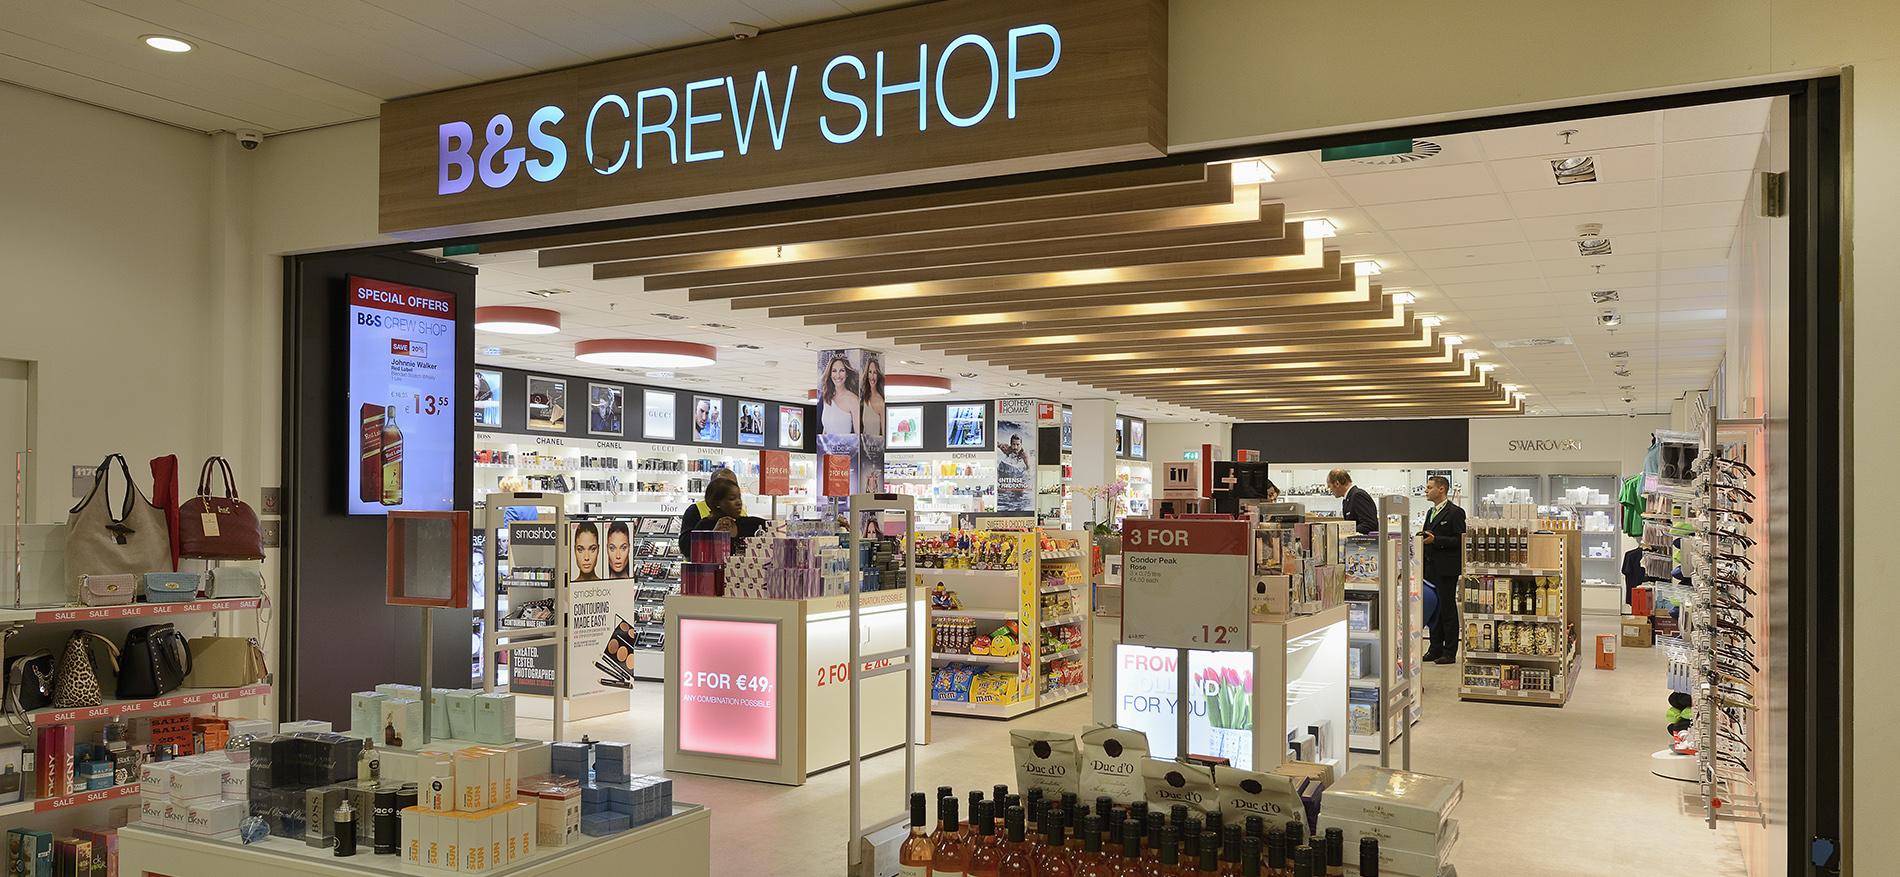 Einrichtung flughafen neu shopconcept b s crew shop for Shop einrichtung